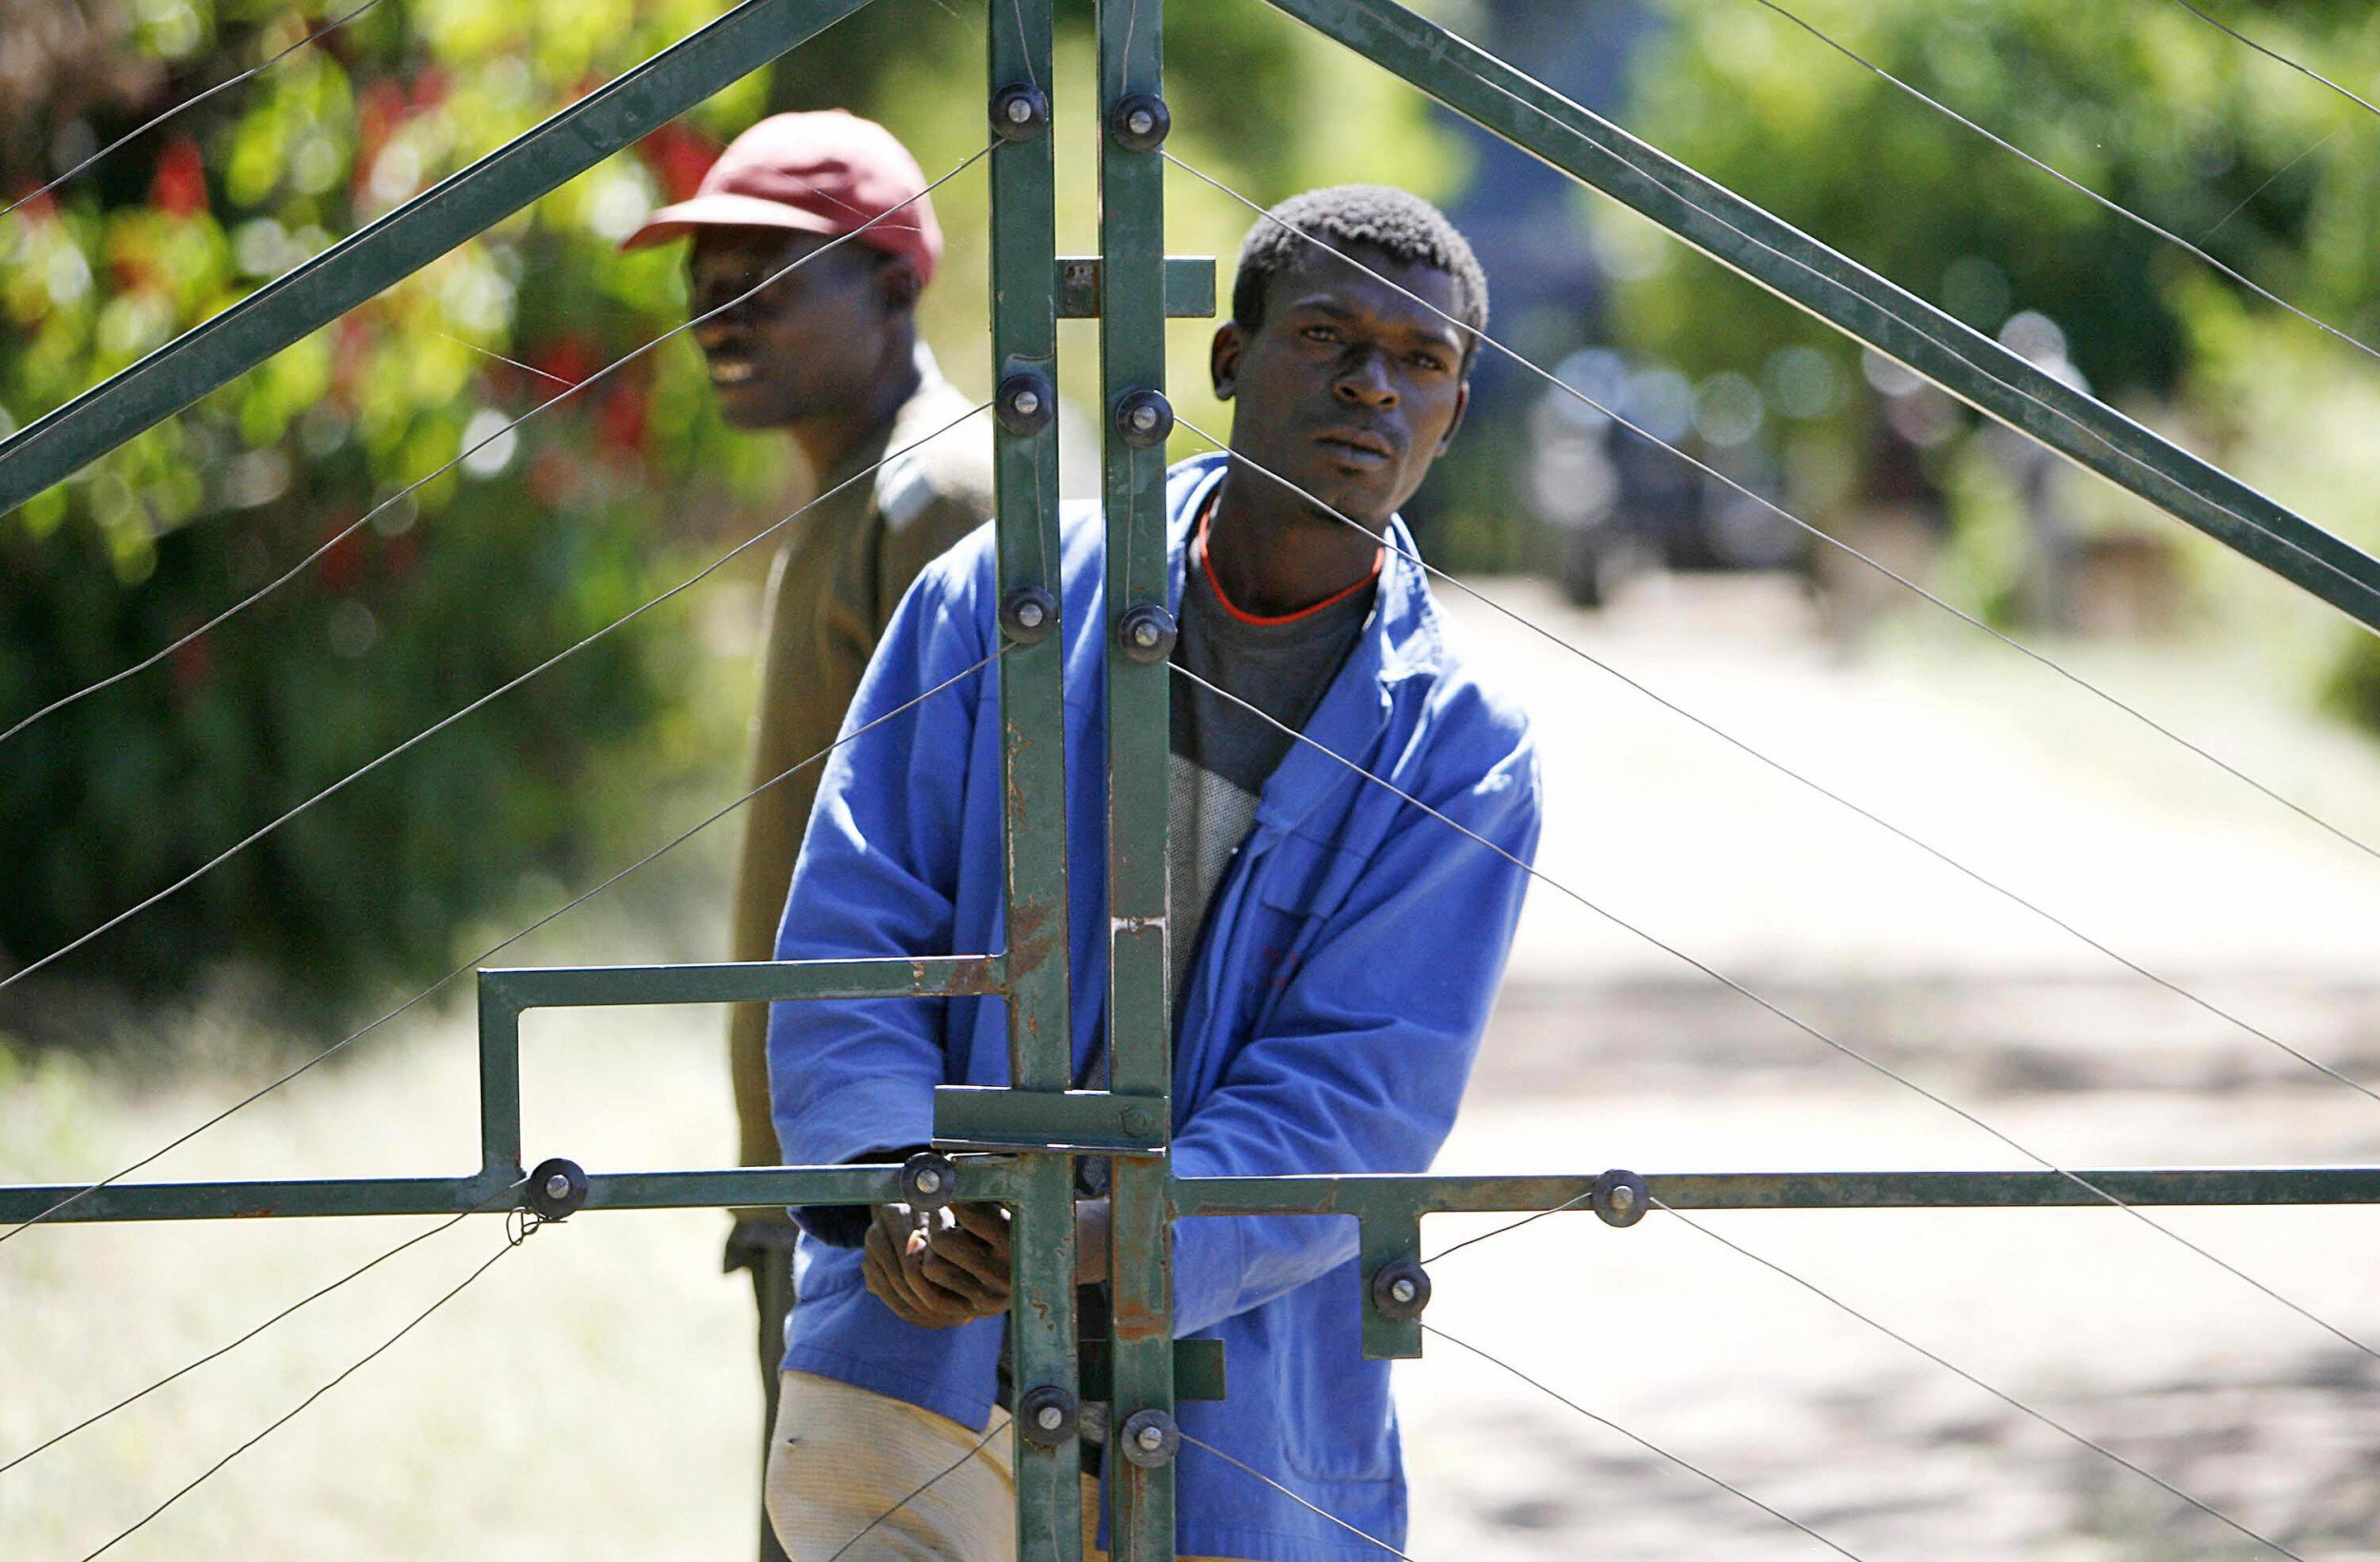 Land reform Zimbabwe